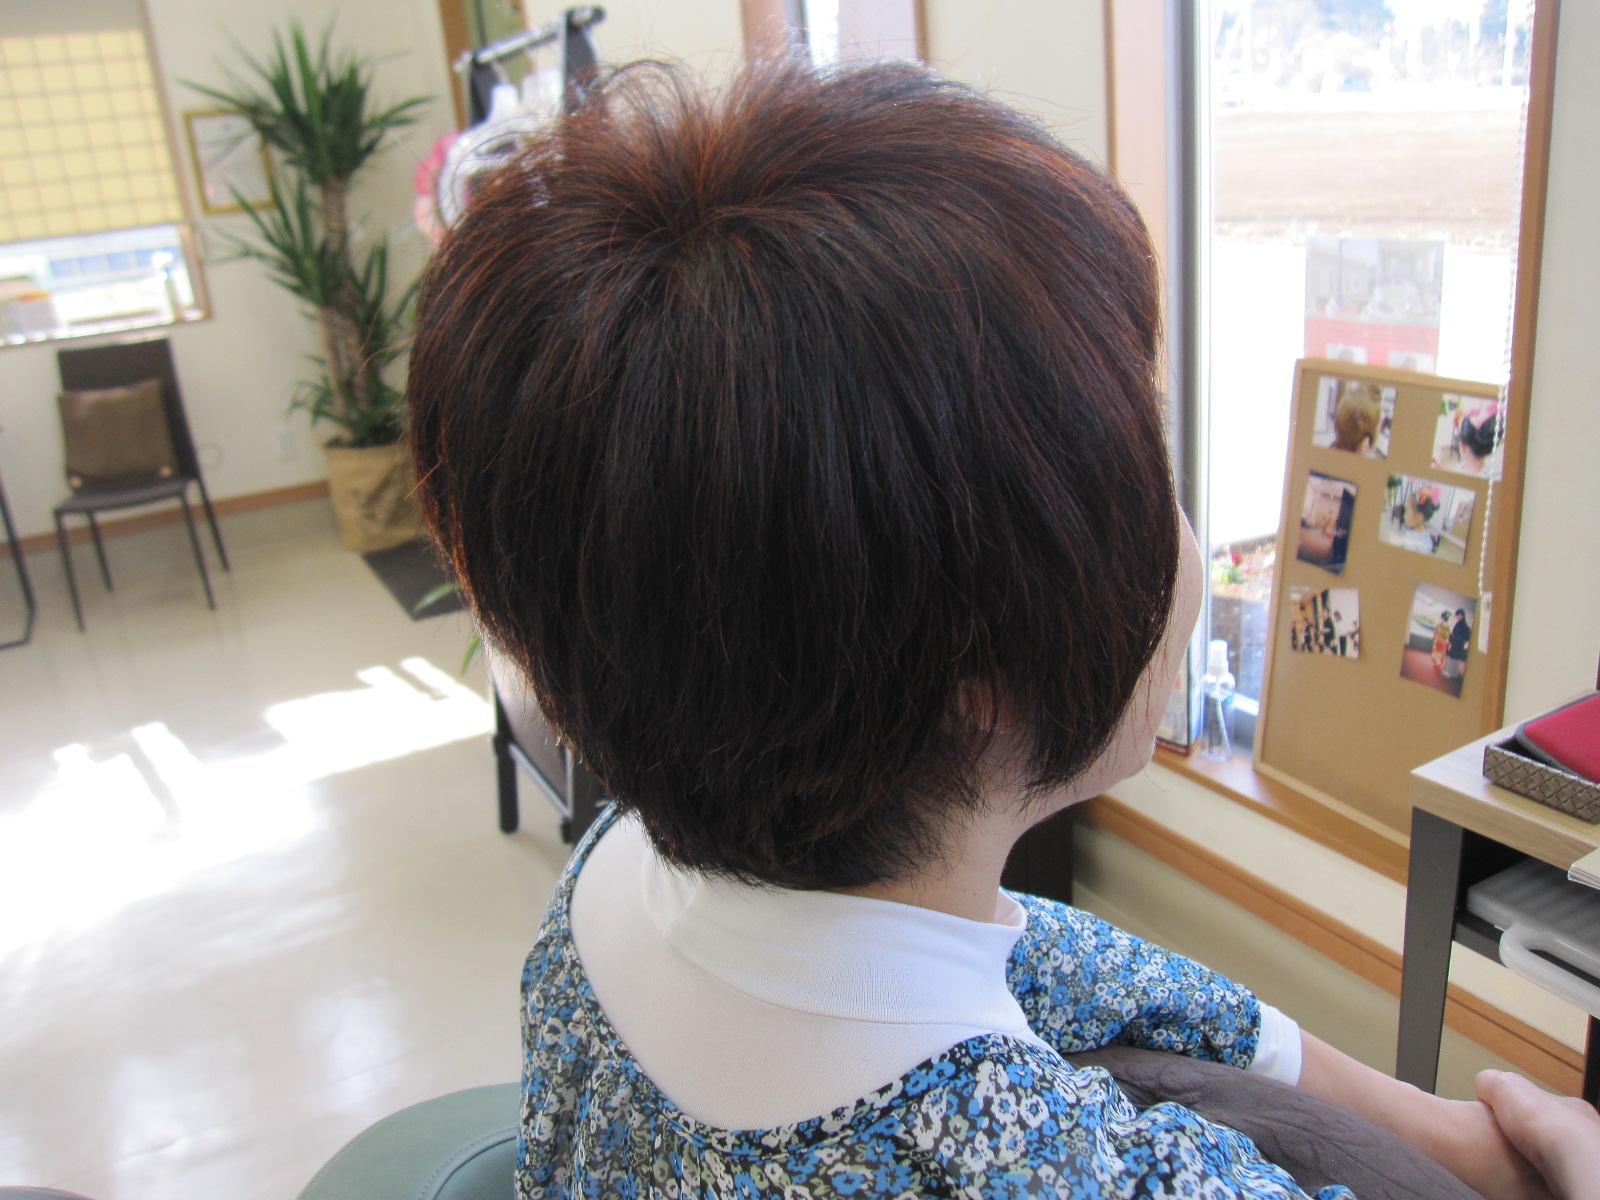 縮毛矯正をしてカラーして、ダメージでカラーがヒリヒリ痛い!